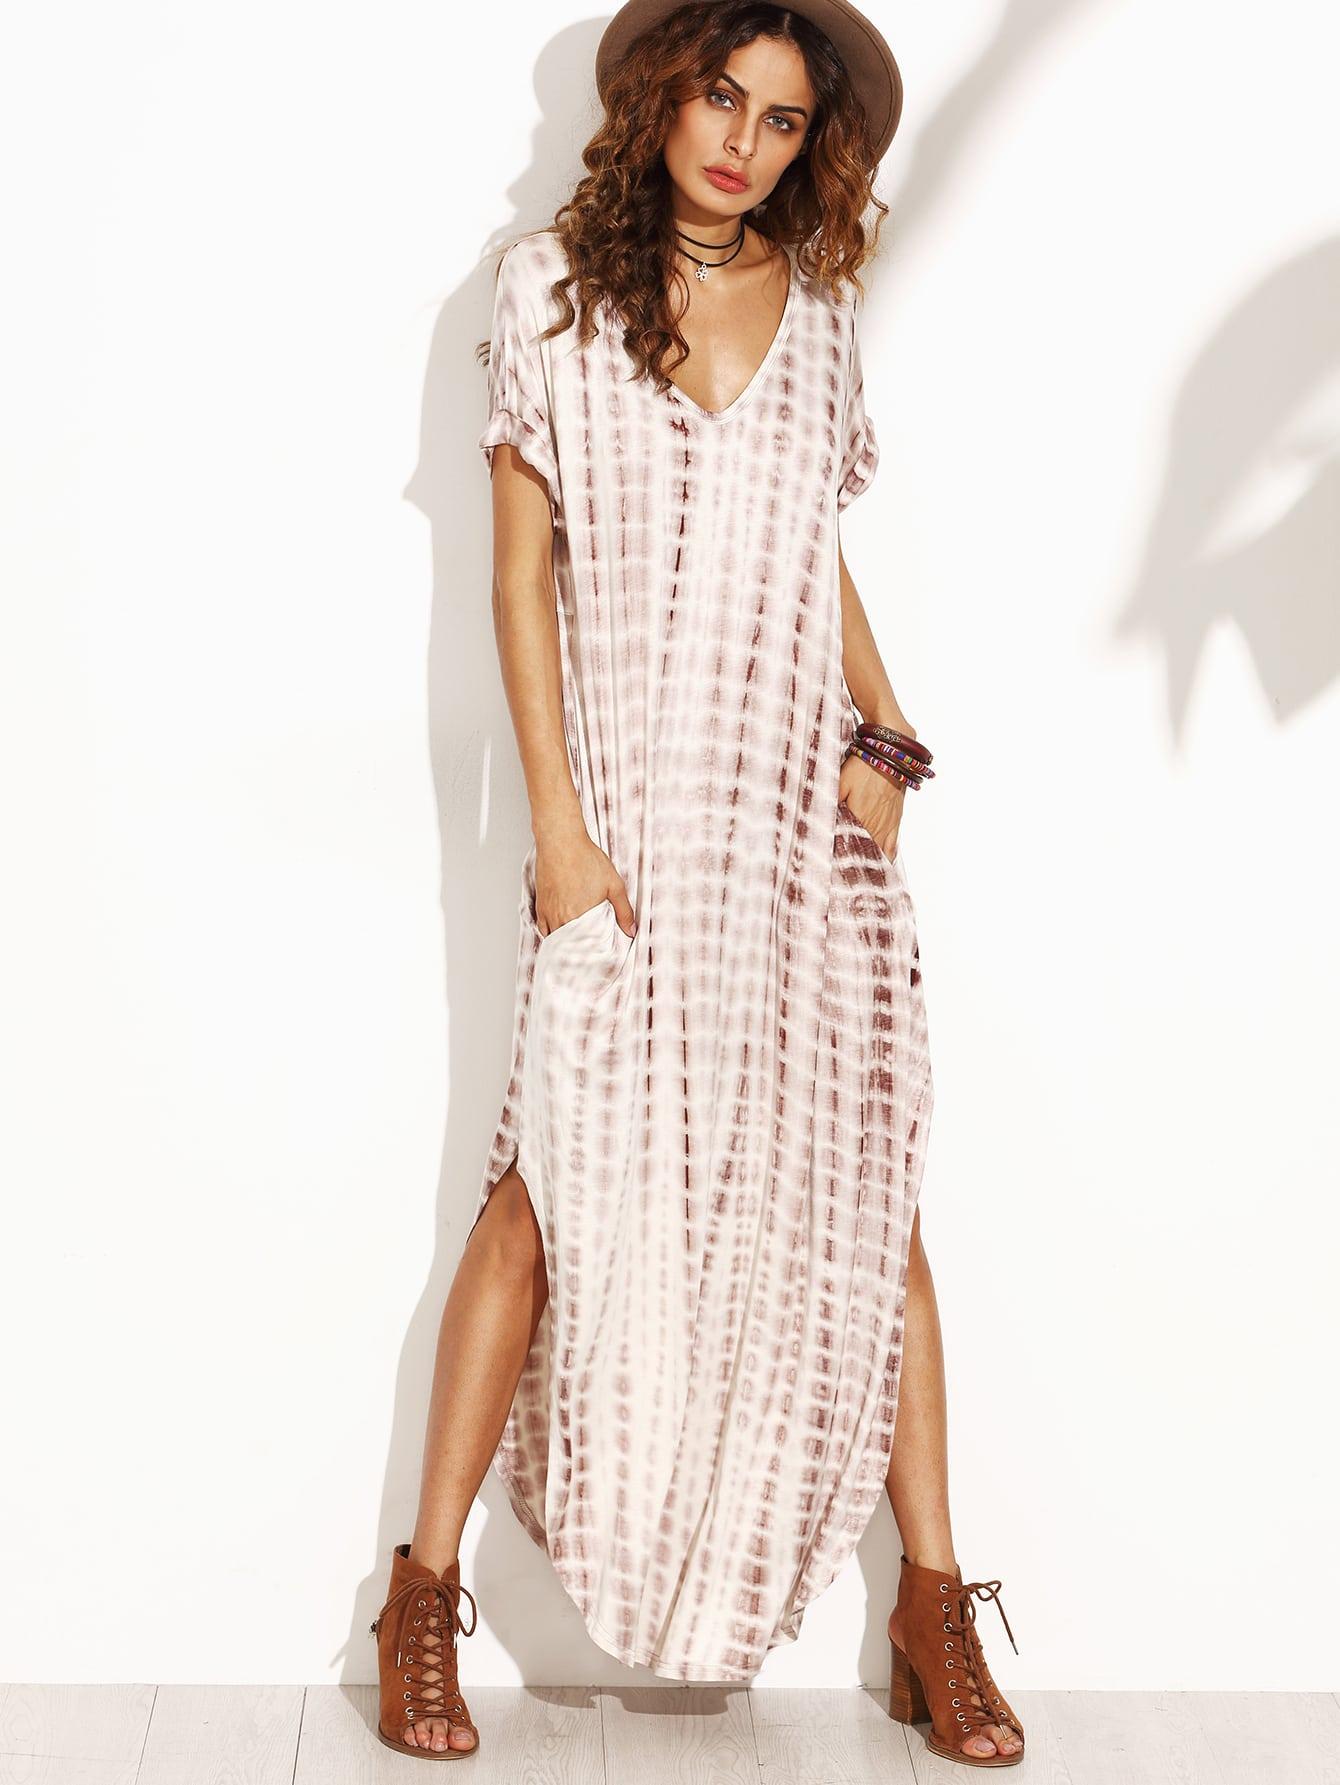 White tie dye maxi dress